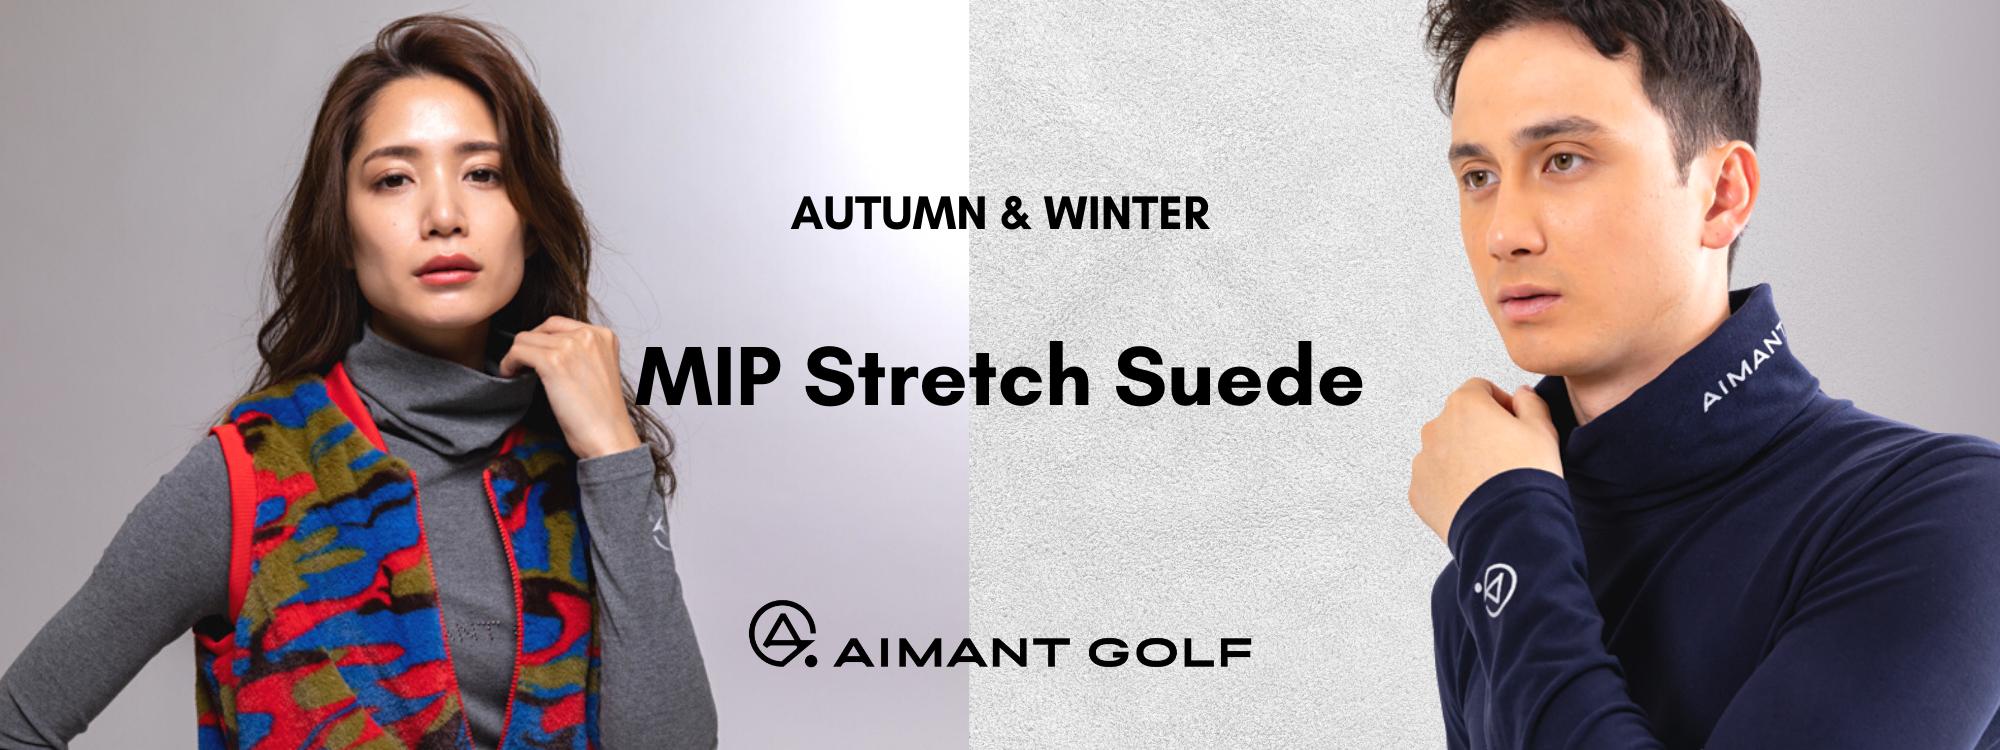 MIP Stretch Suede